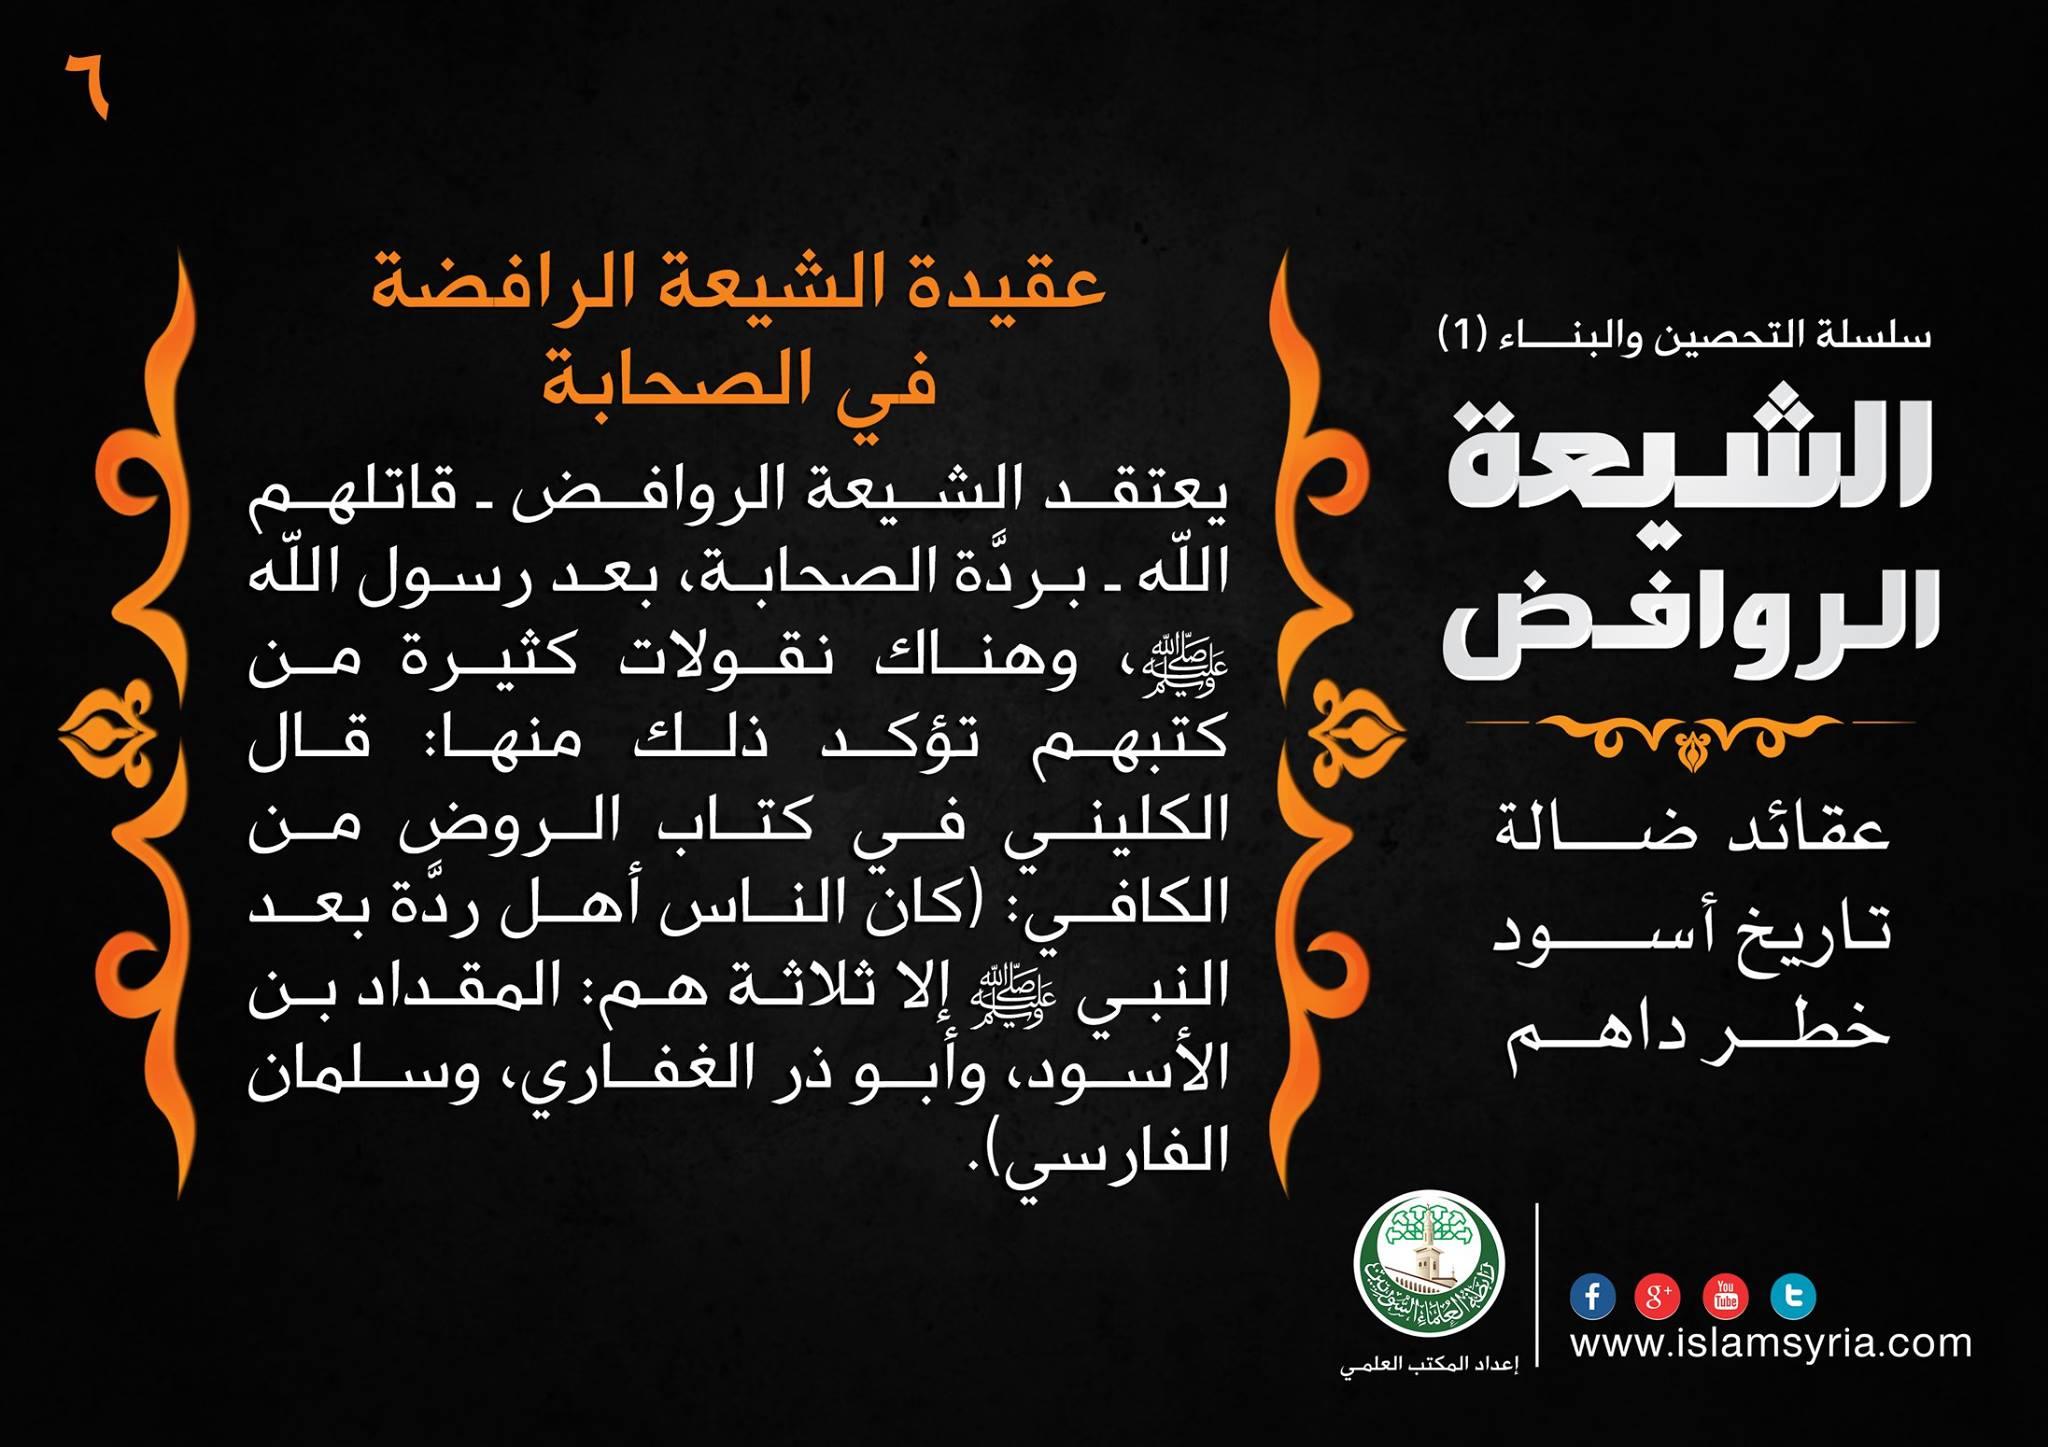 سلسلة التحصين والبناء -6- الشيعة الروافض